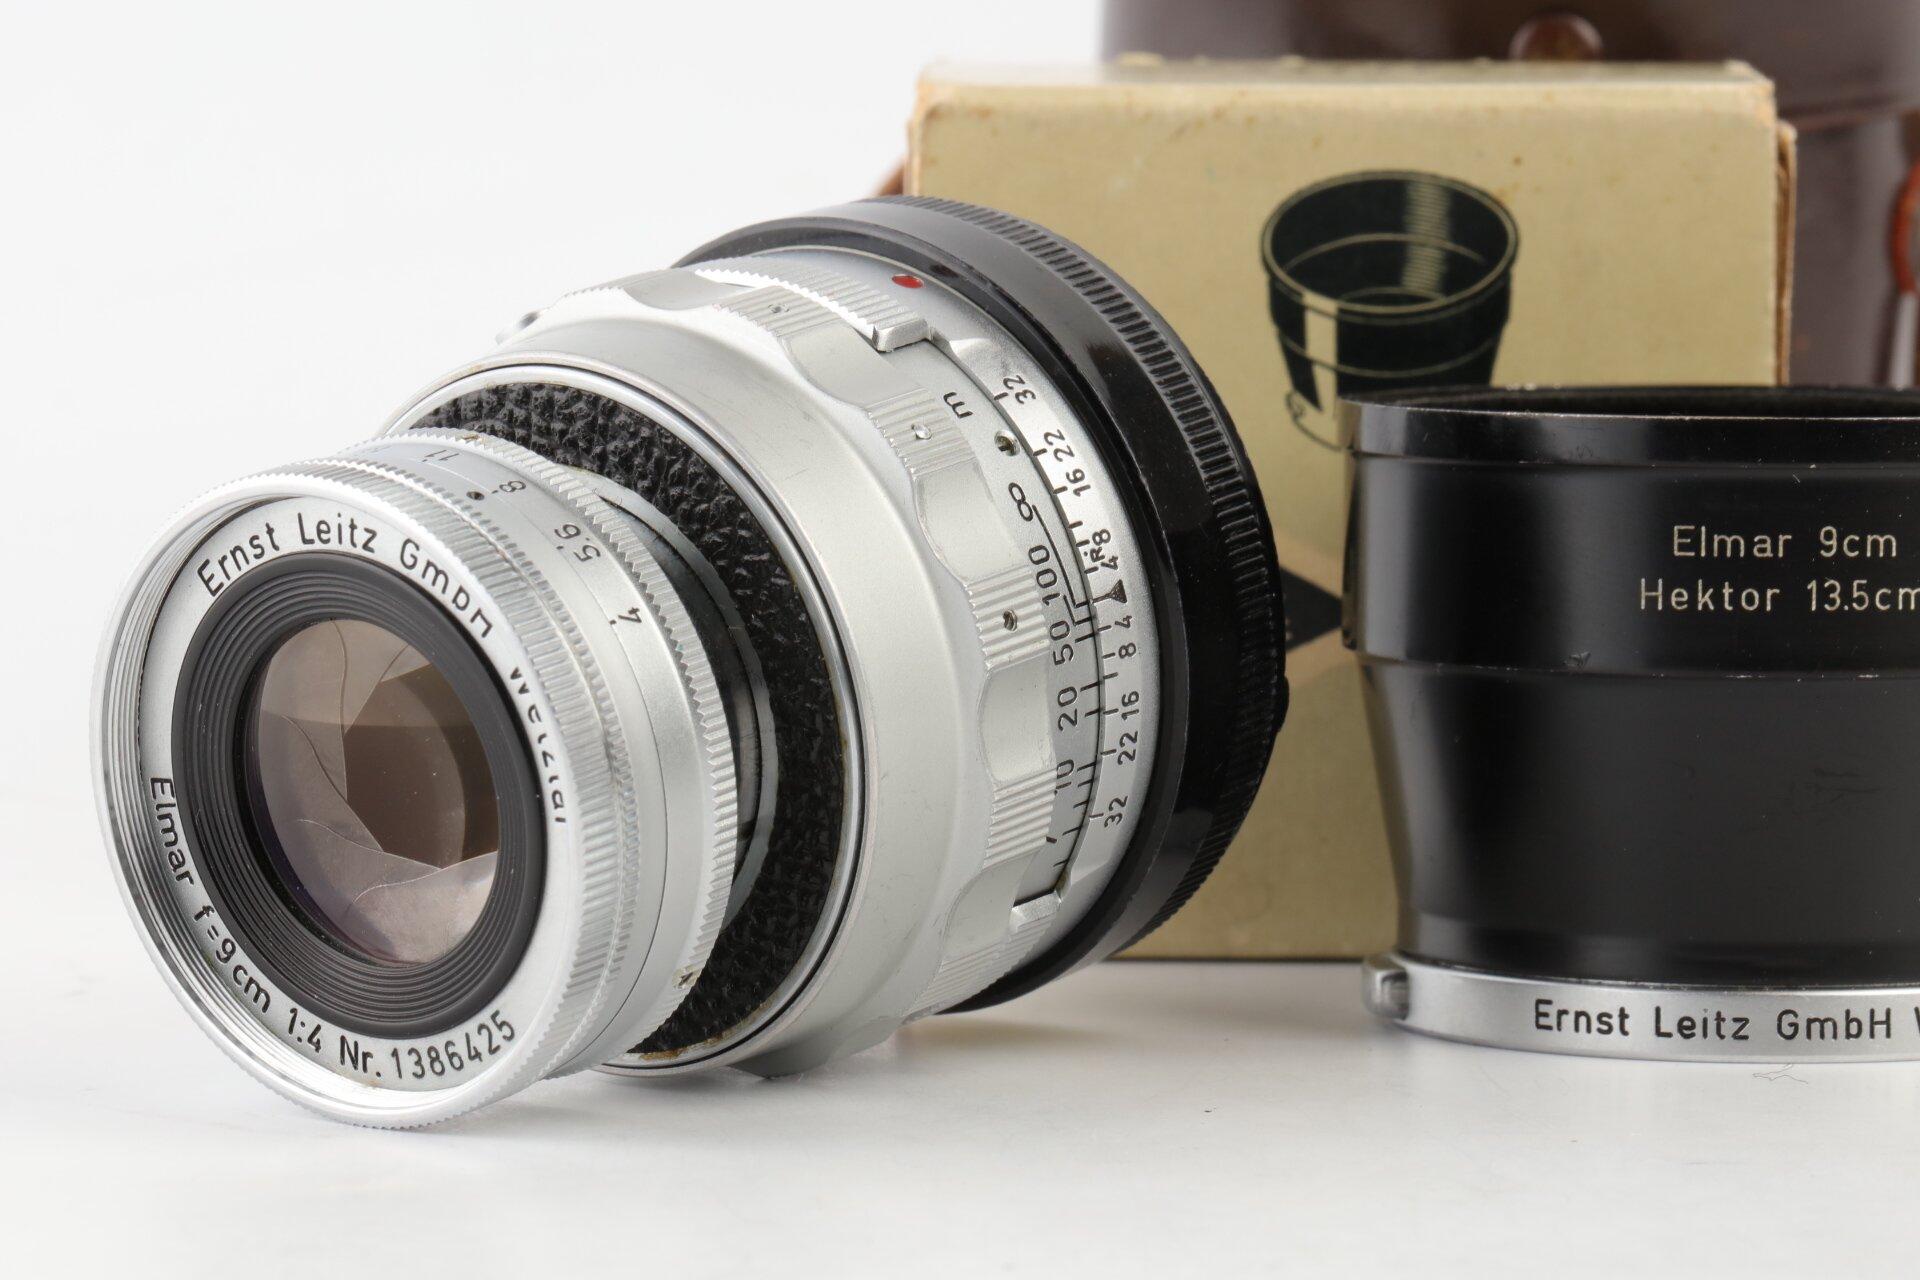 Leica M Elmar 9cm 4 versenkbar + IUFOO Gegenlichtblende